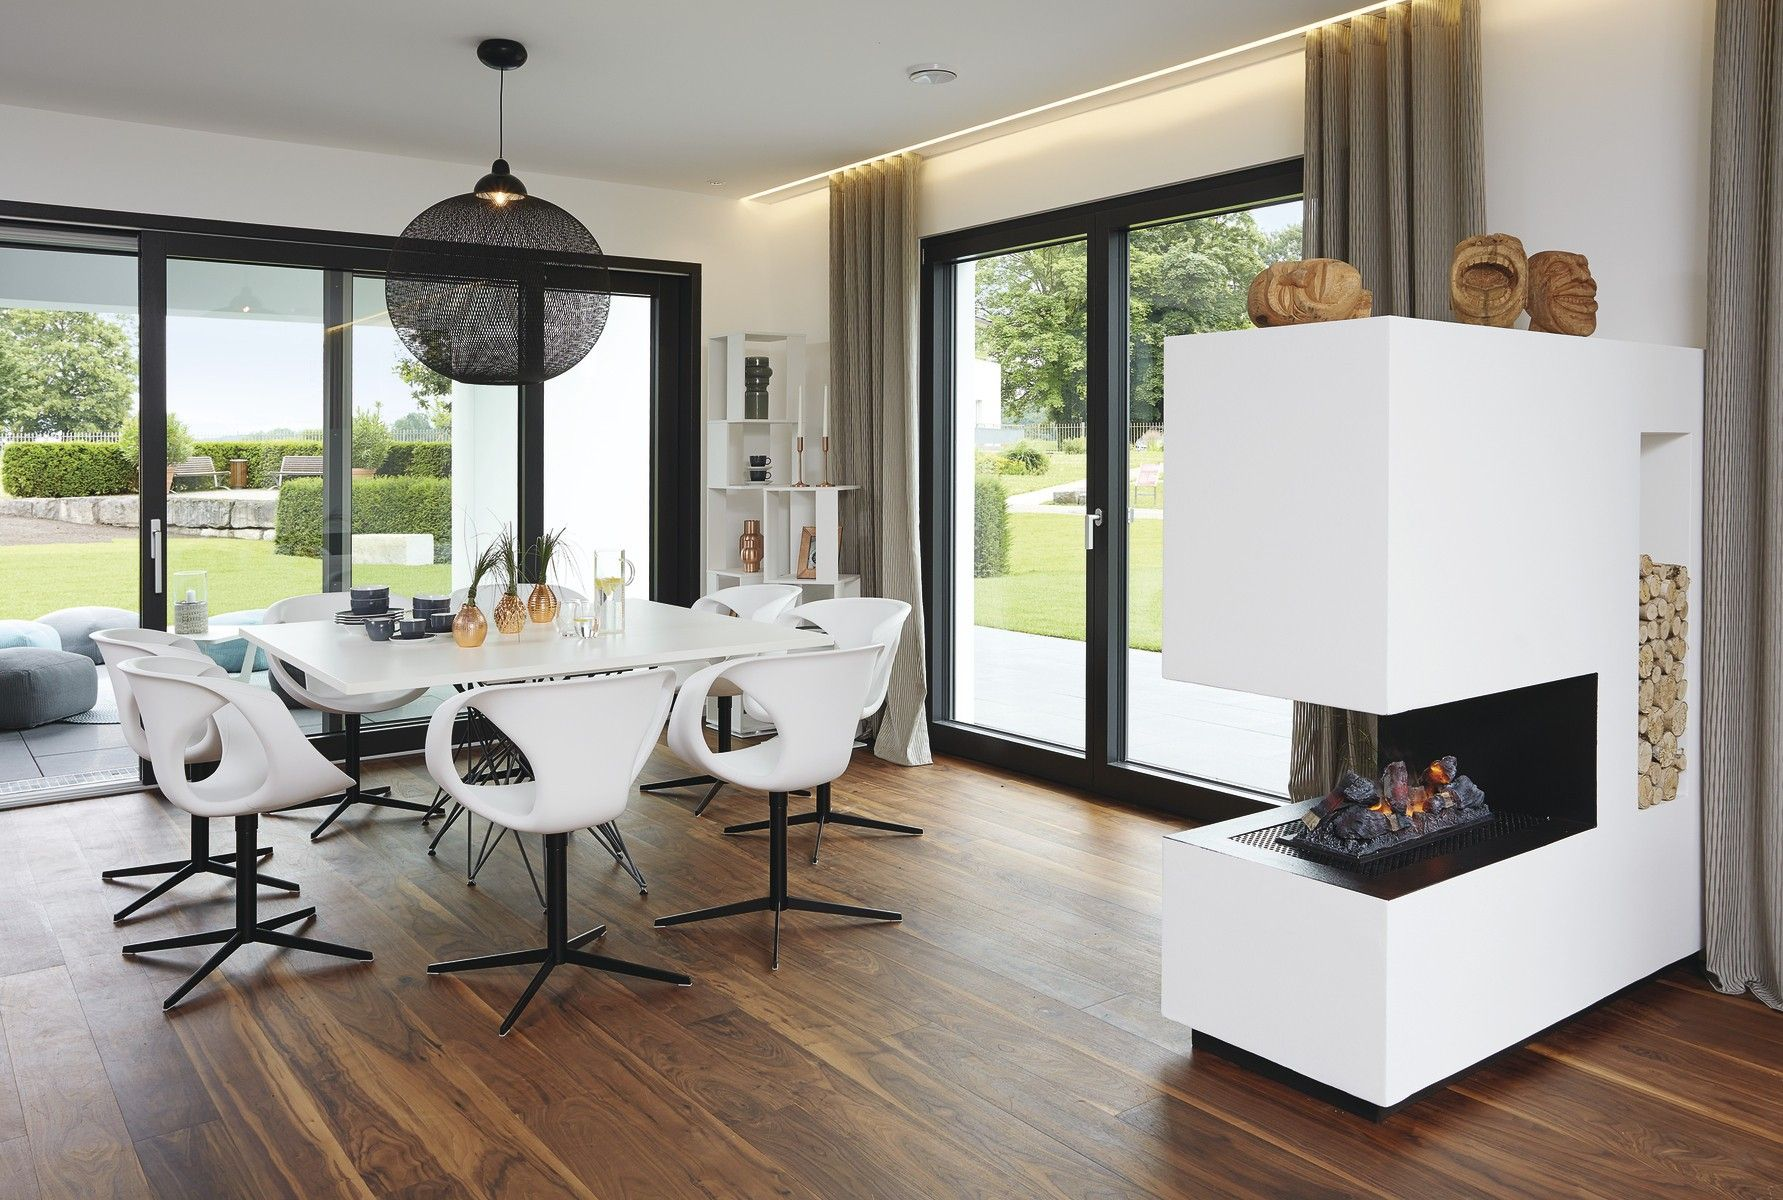 Innenarchitektur wohnzimmer grundrisse undefined  kamine  pinterest  living rooms interiors and room